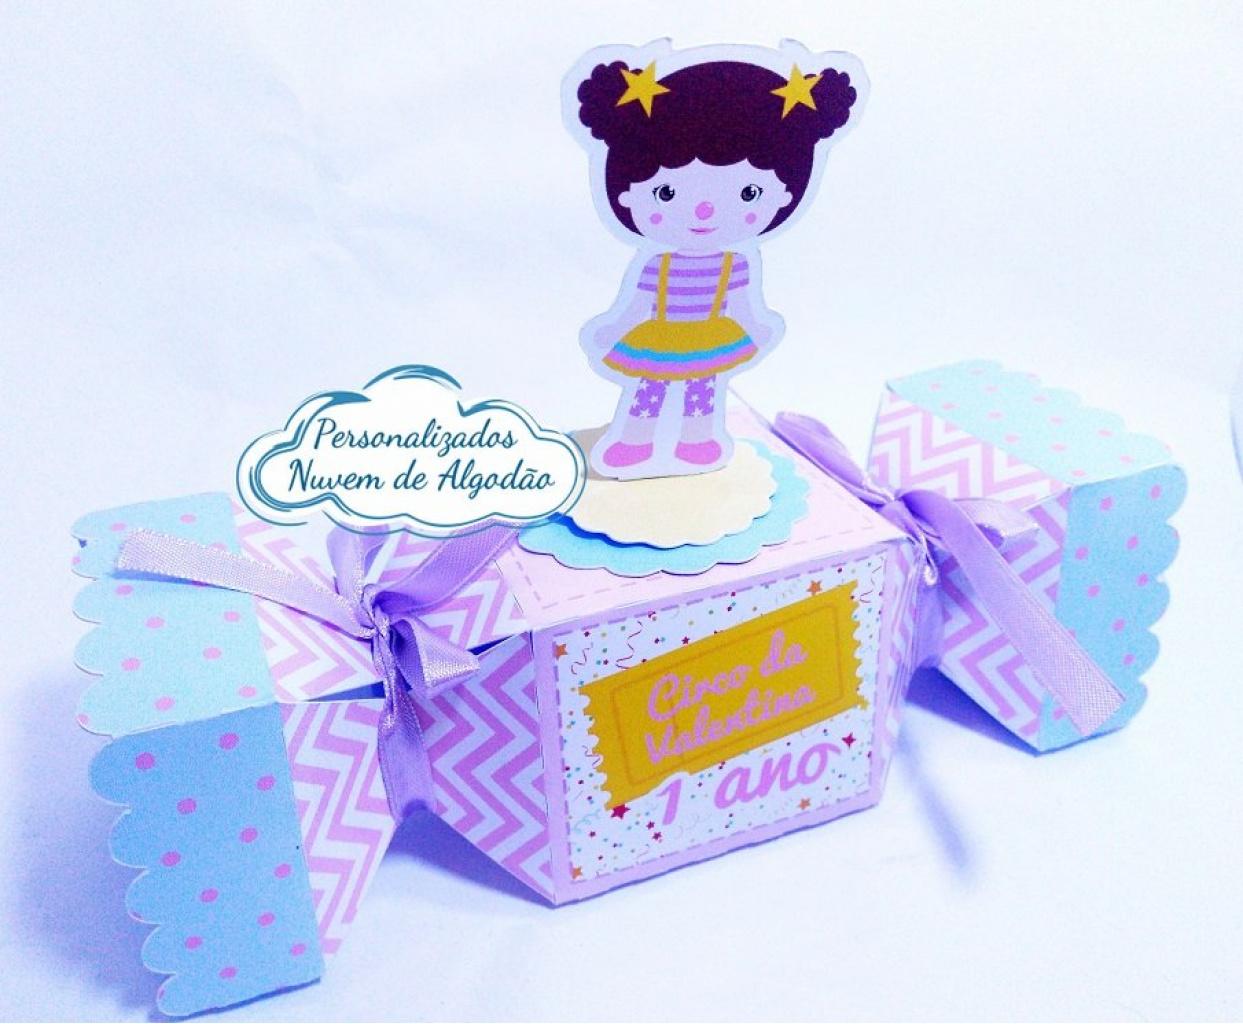 Nuvem de algodão personalizados - Caixa bala inteira Circo Rosa